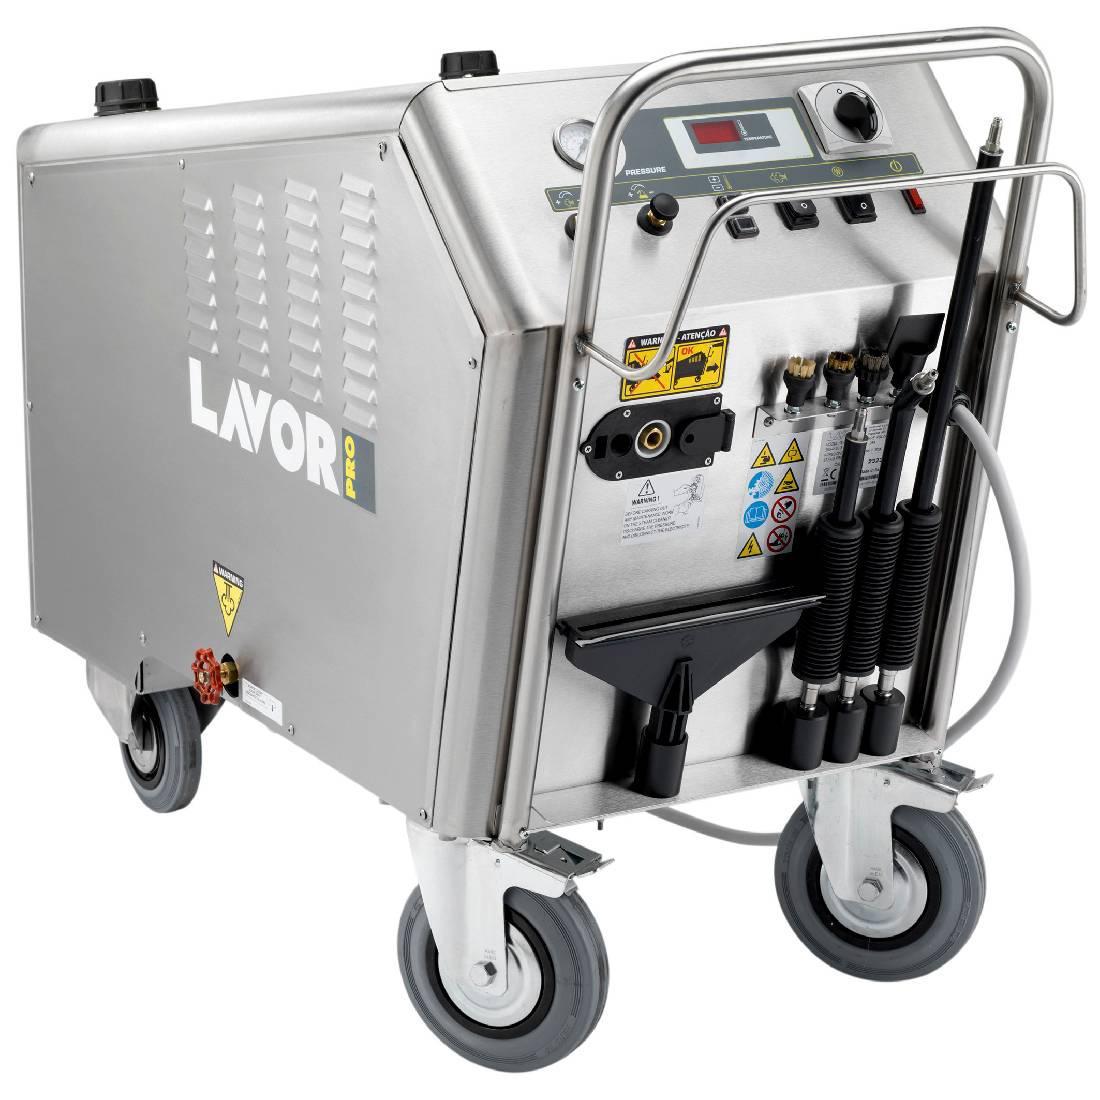 Парогенератор Lavor Pro gv vesuvio 18 парогенератор lavor pro metis